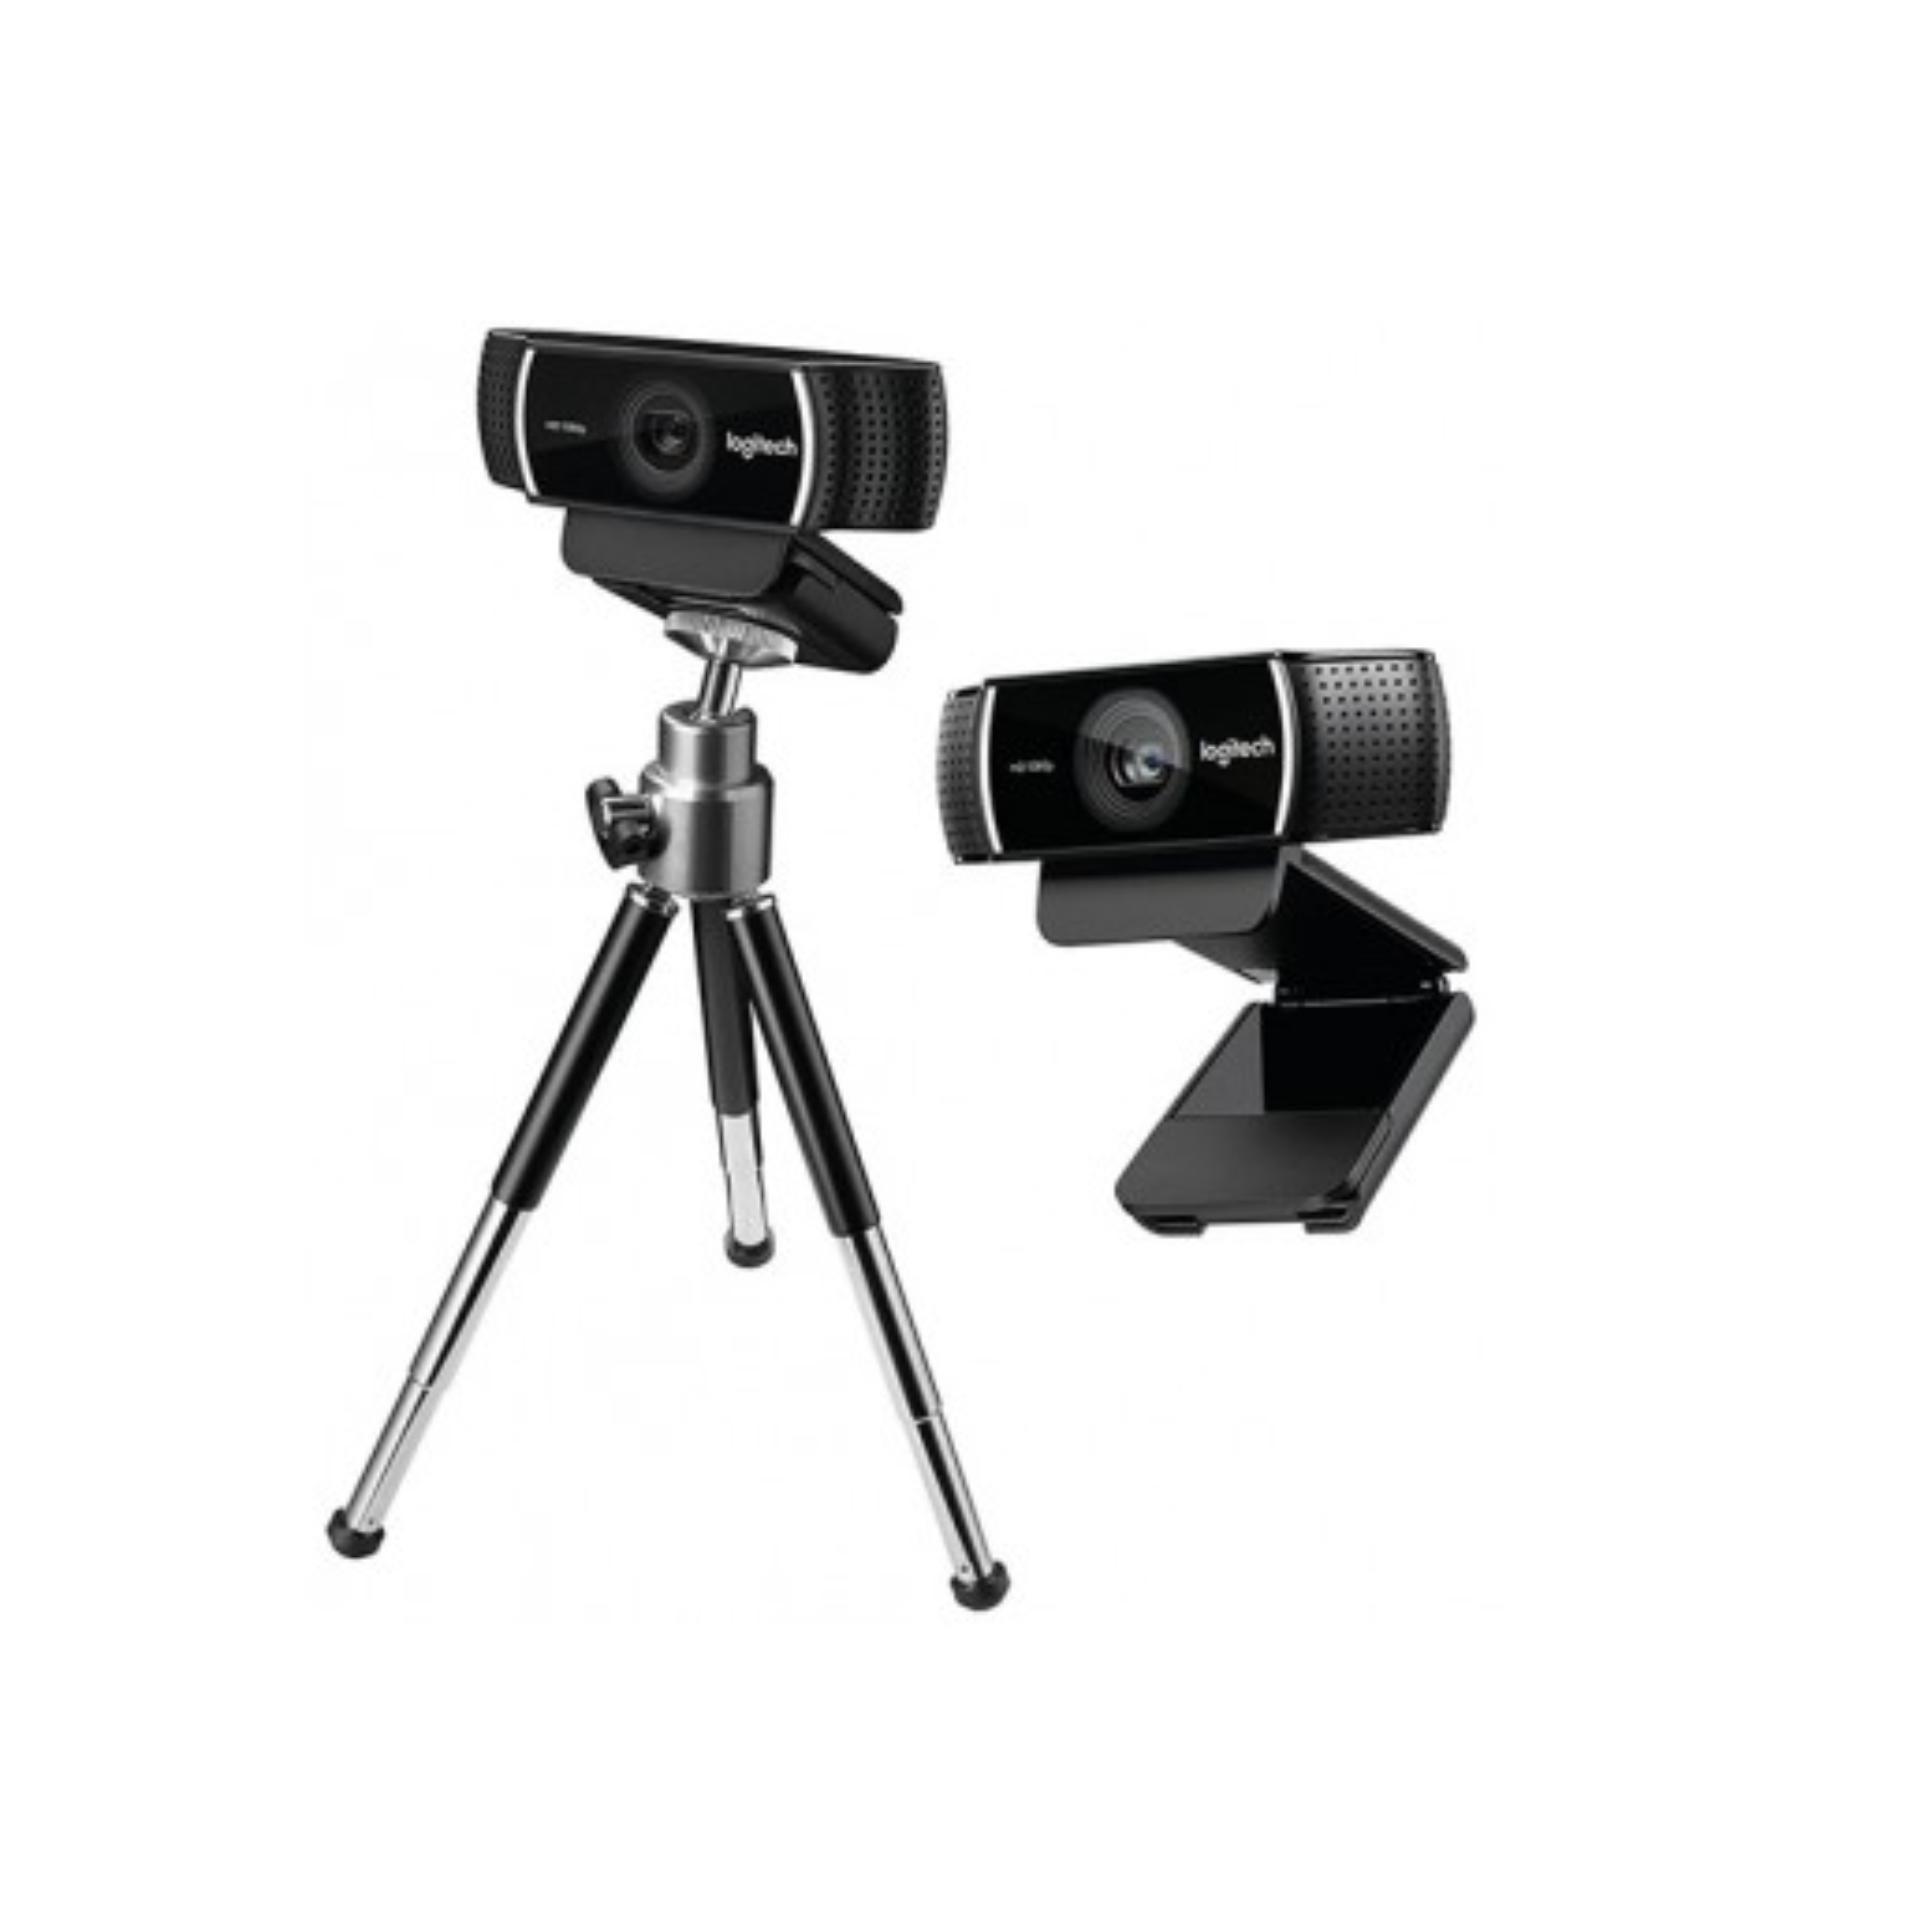 Cách mua Logitech C922 Pro Stream Webcam + Hàng nhập khẩu